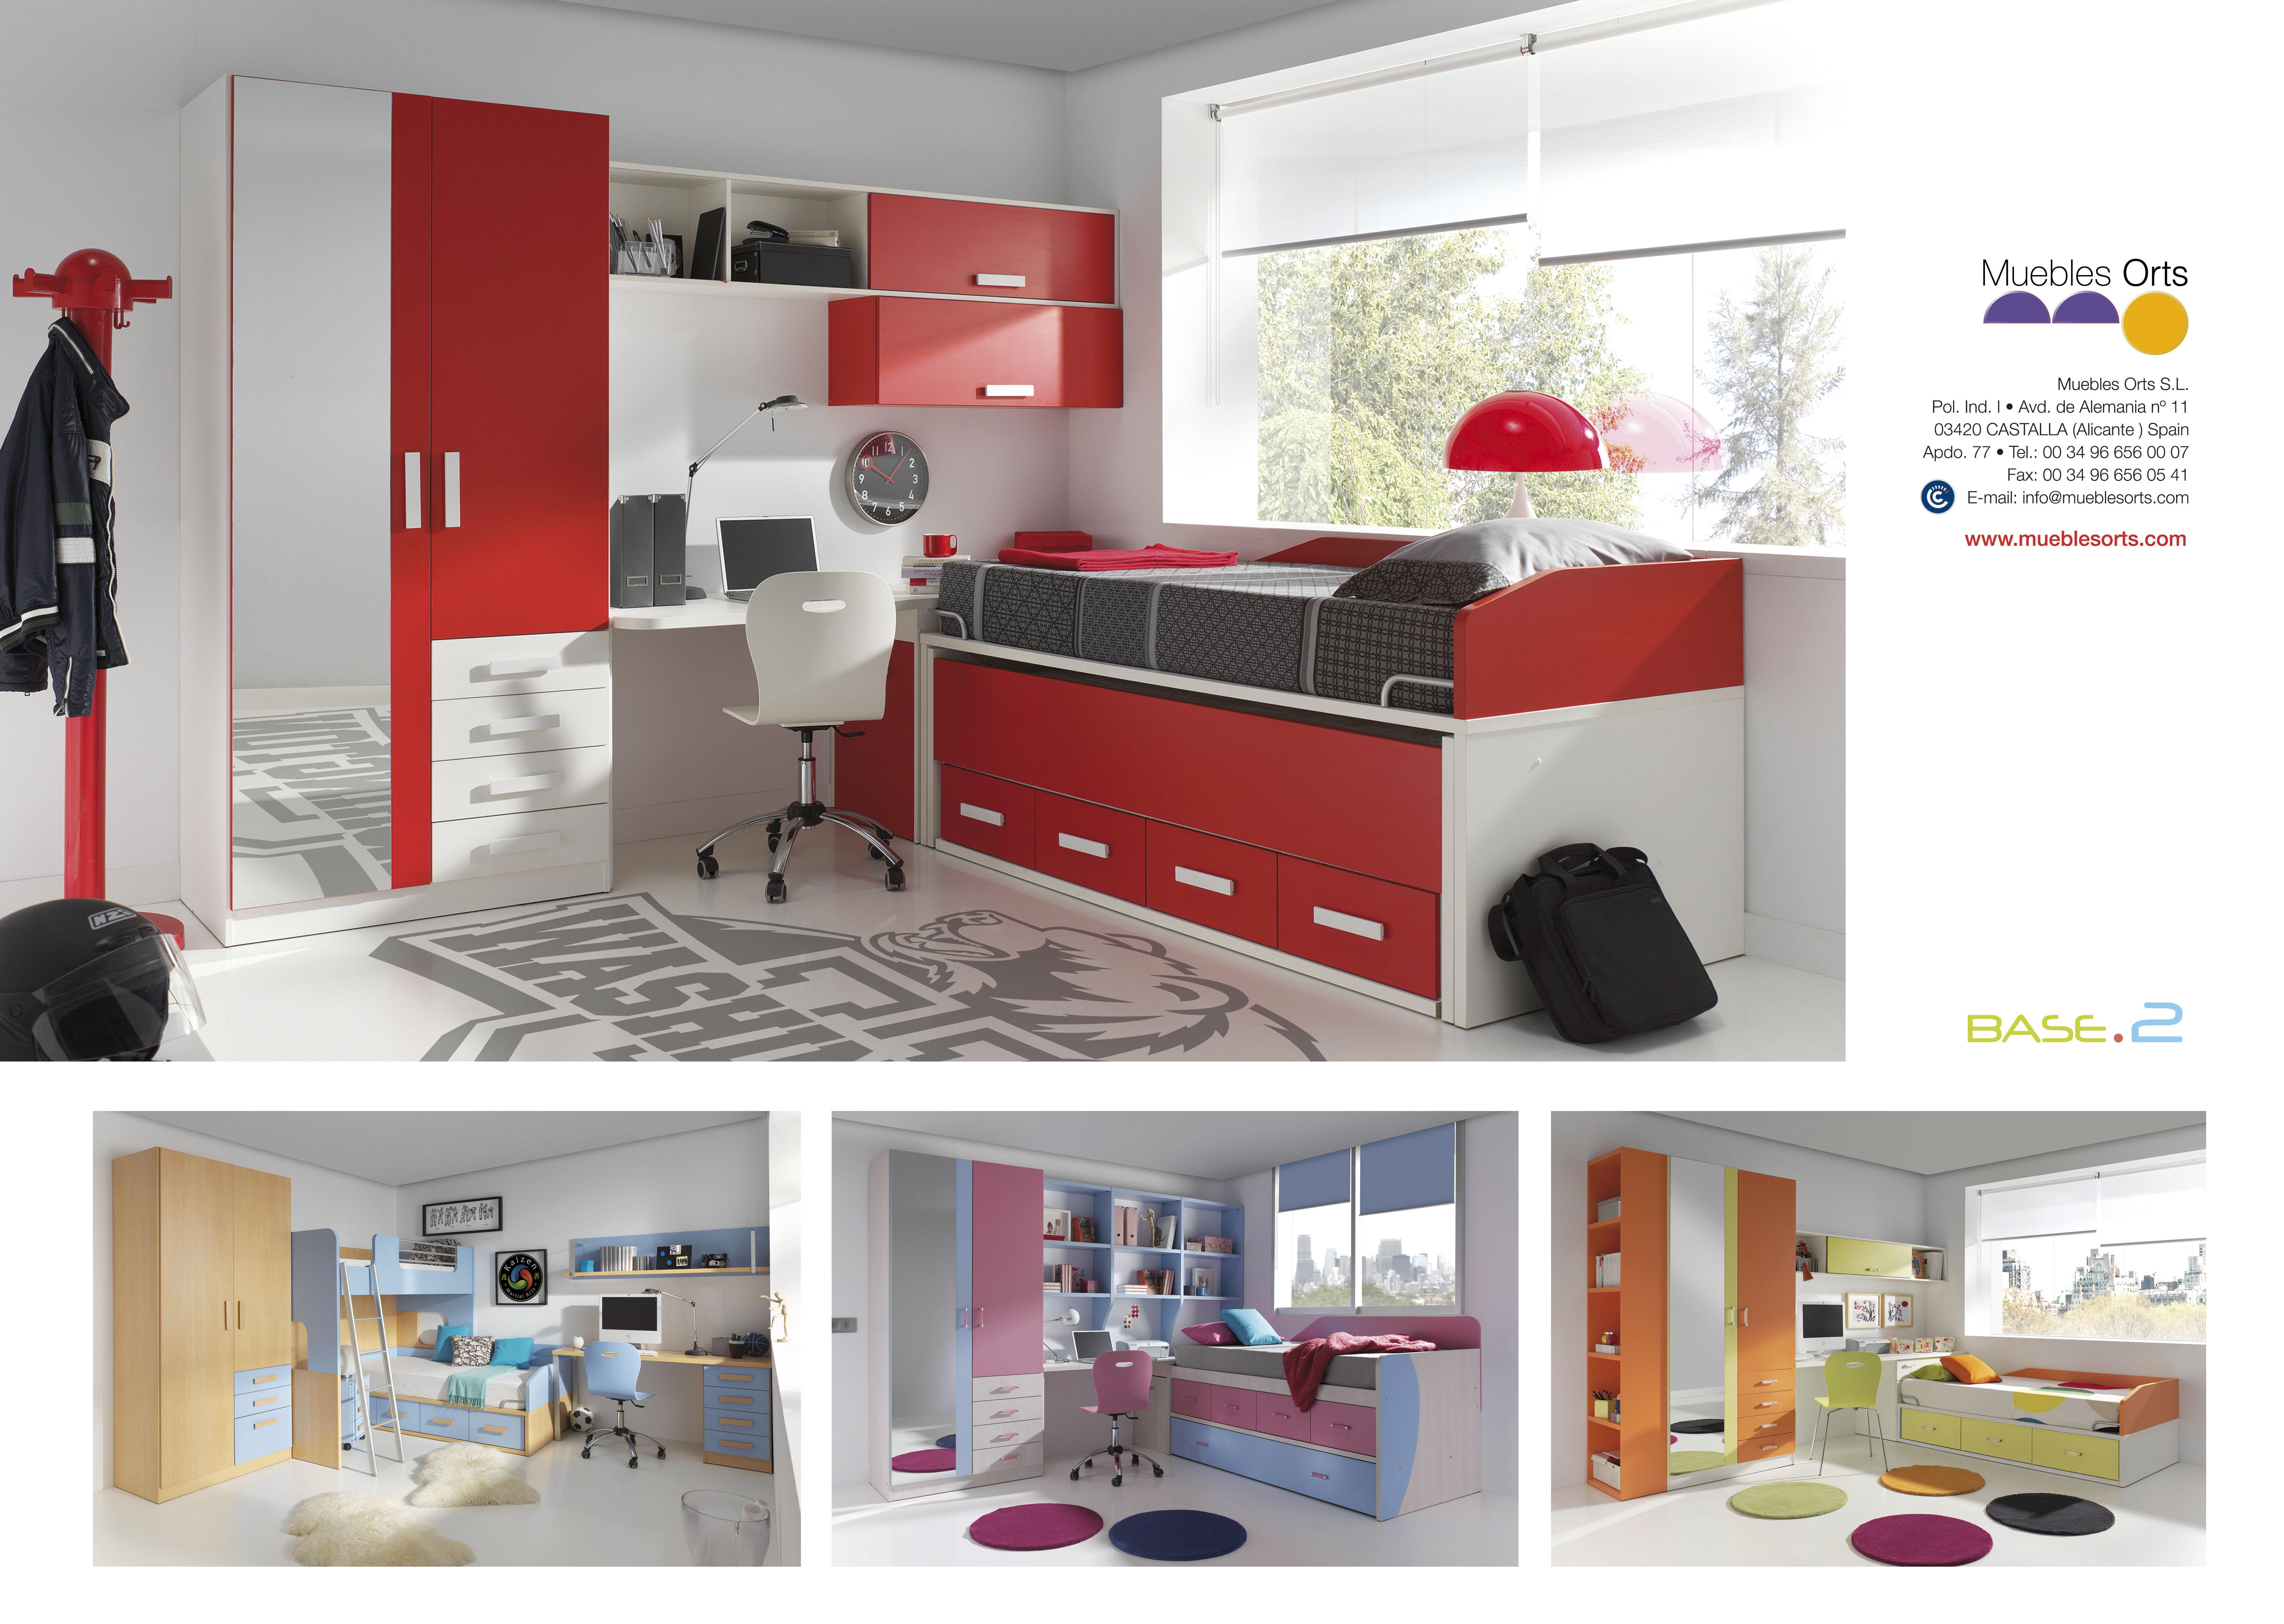 Muebles orts noticias for El mueble dormitorios juveniles